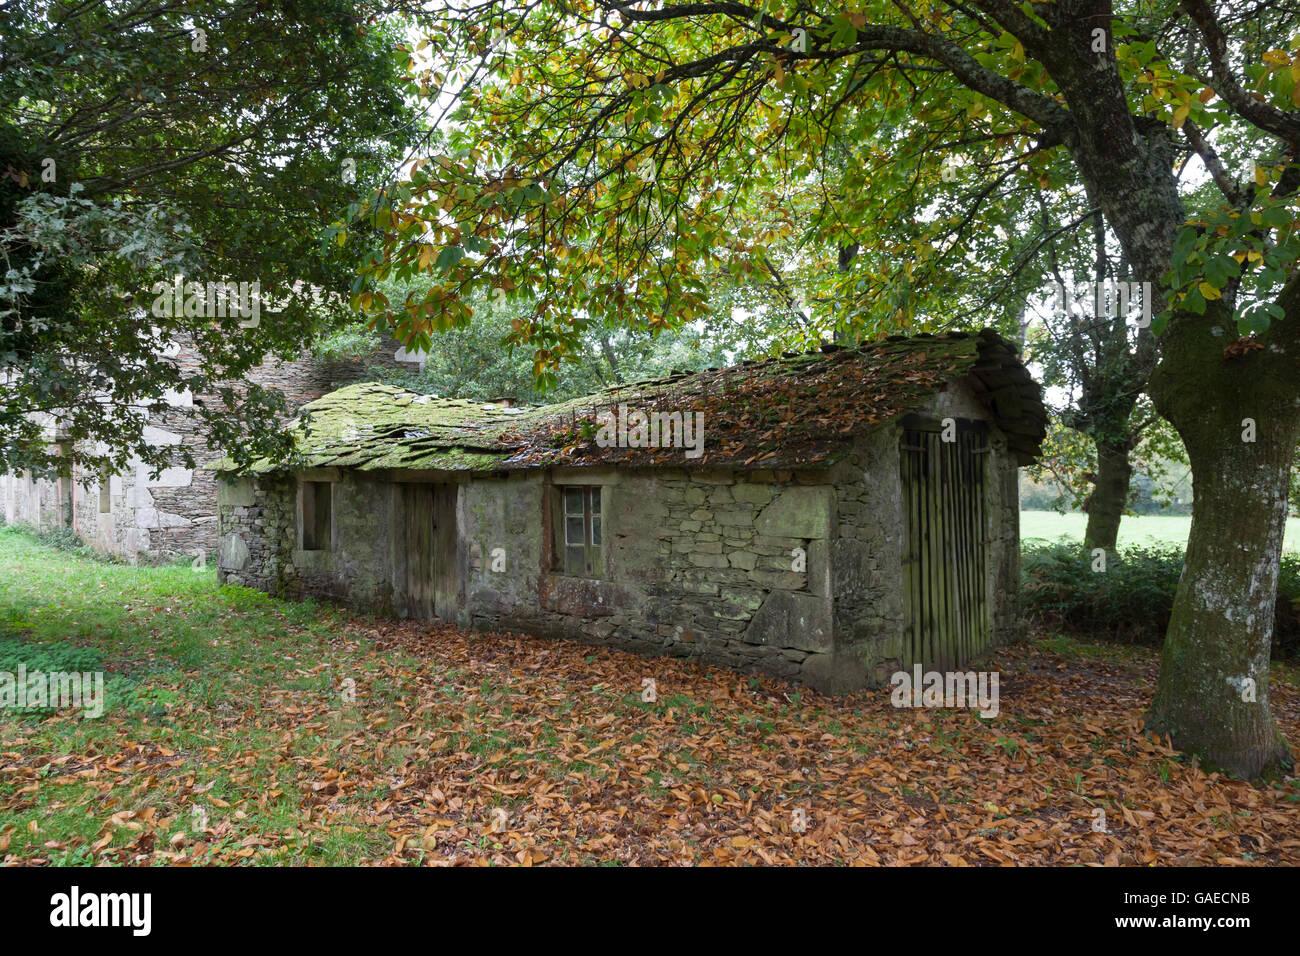 San Romao da Retorta, Spain: A ruined farmhouse in the village along the Camino Primitivo. - Stock Image